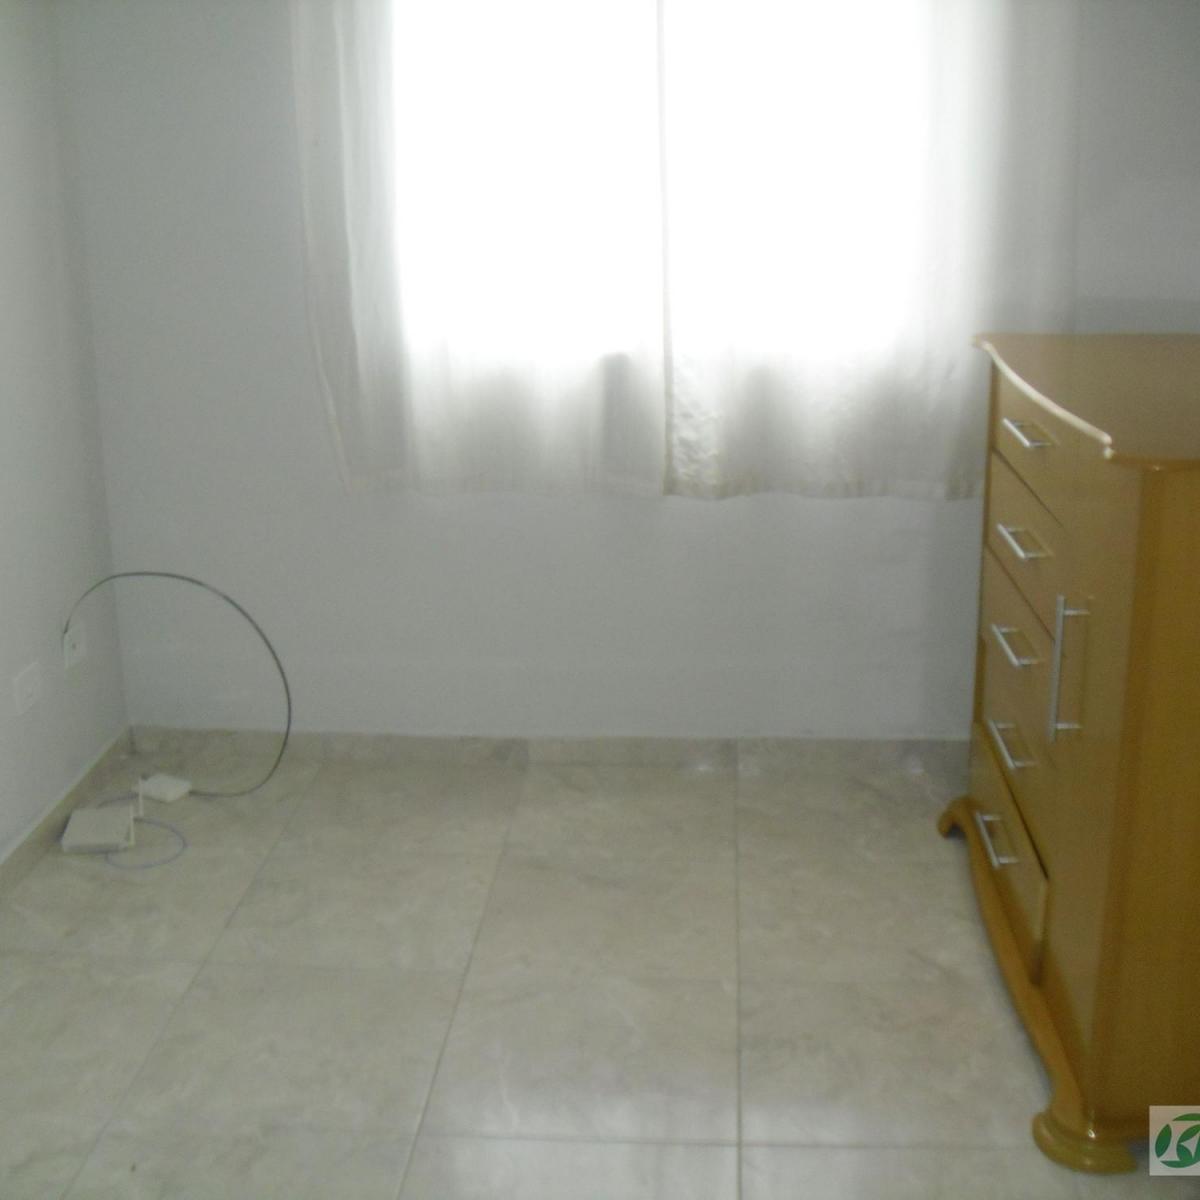 Imagens de #624C18  em hauer rua frederico maurer 1254 apto 106 bl 1 hauer curitiba 1200x1200 px 2898 Box Banheiro Hauer